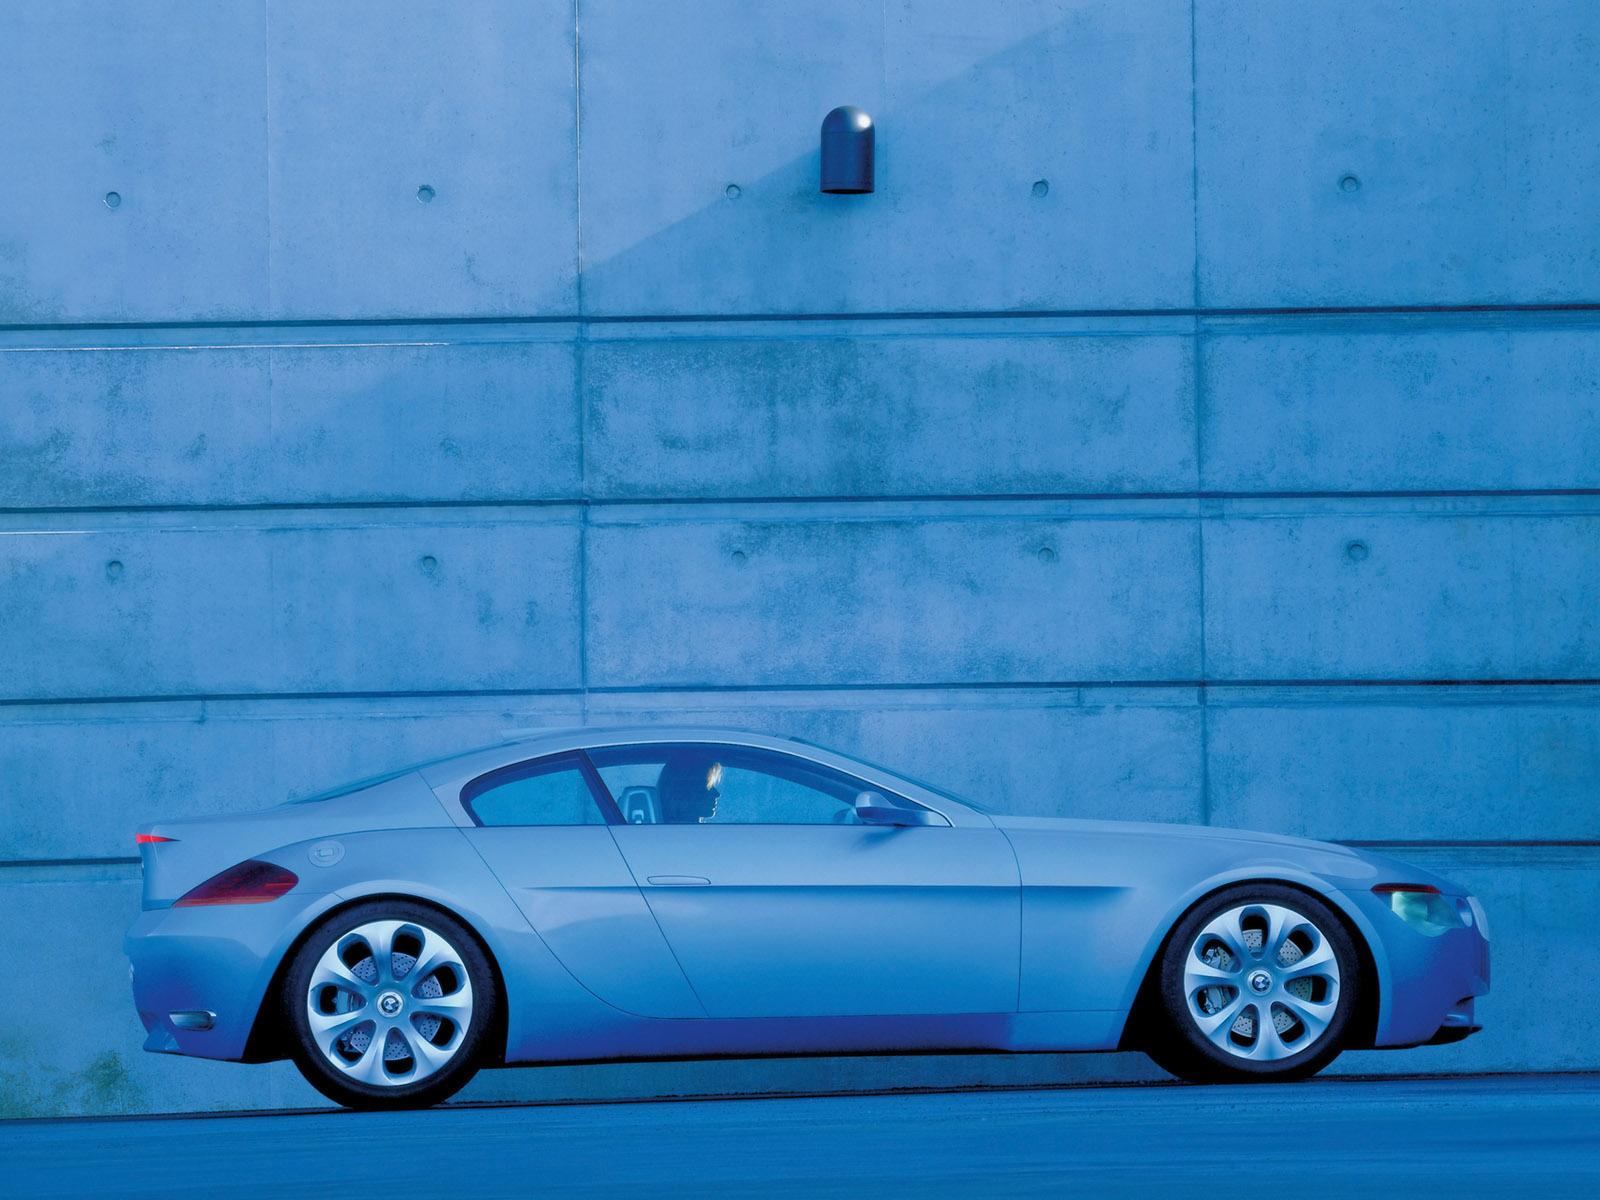 BMW Z9 gran turismo concept - Picture 38954